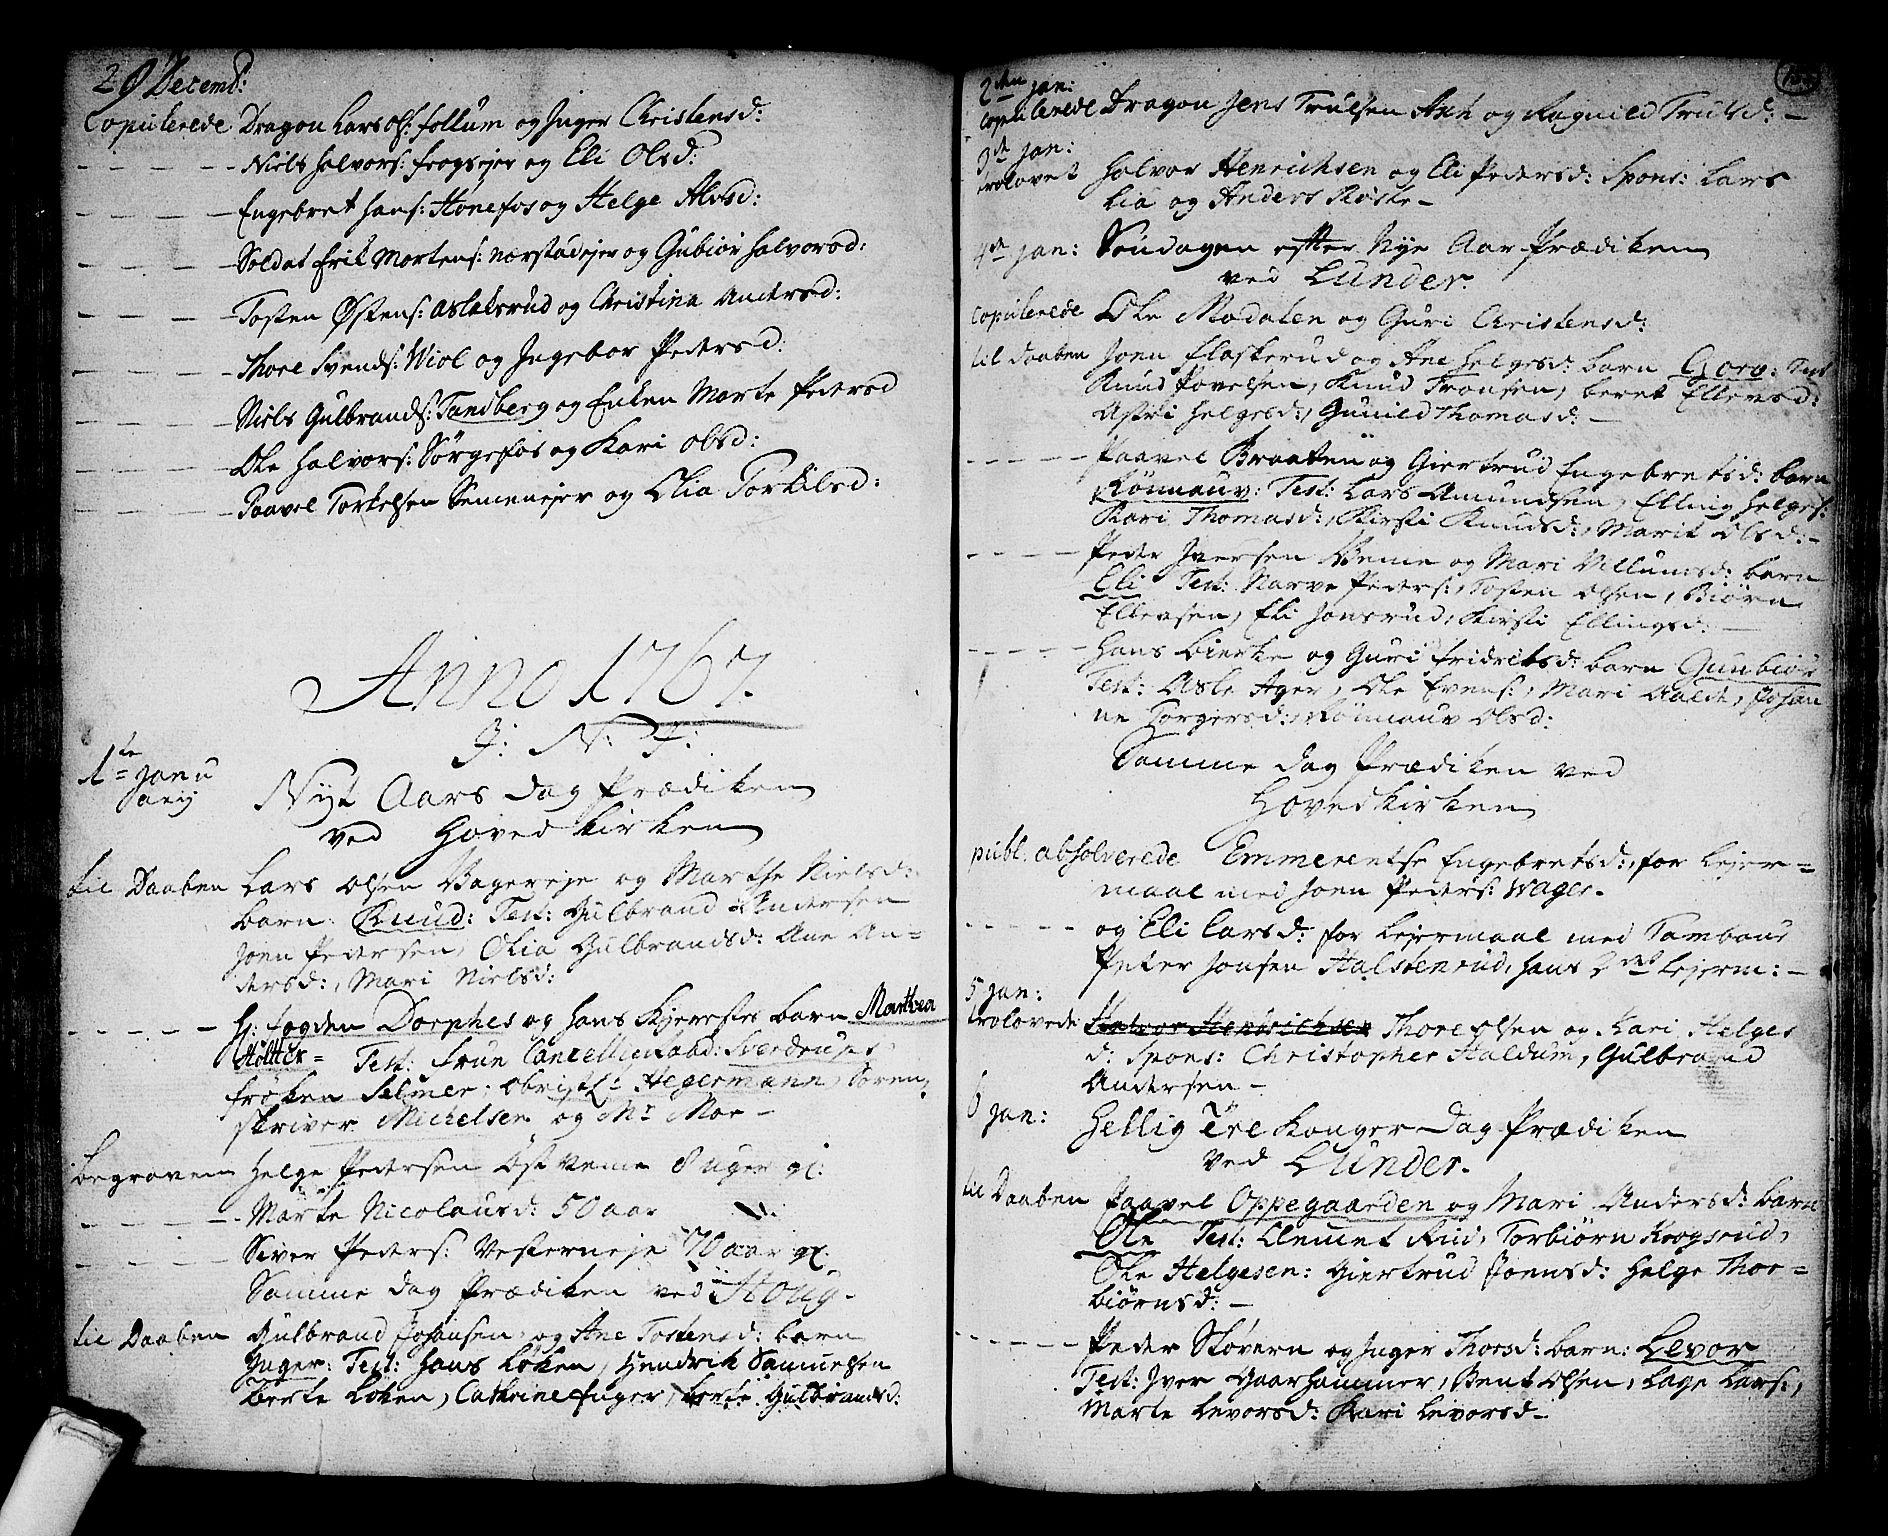 SAKO, Norderhov kirkebøker, F/Fa/L0004: Ministerialbok nr. 4, 1758-1774, s. 155